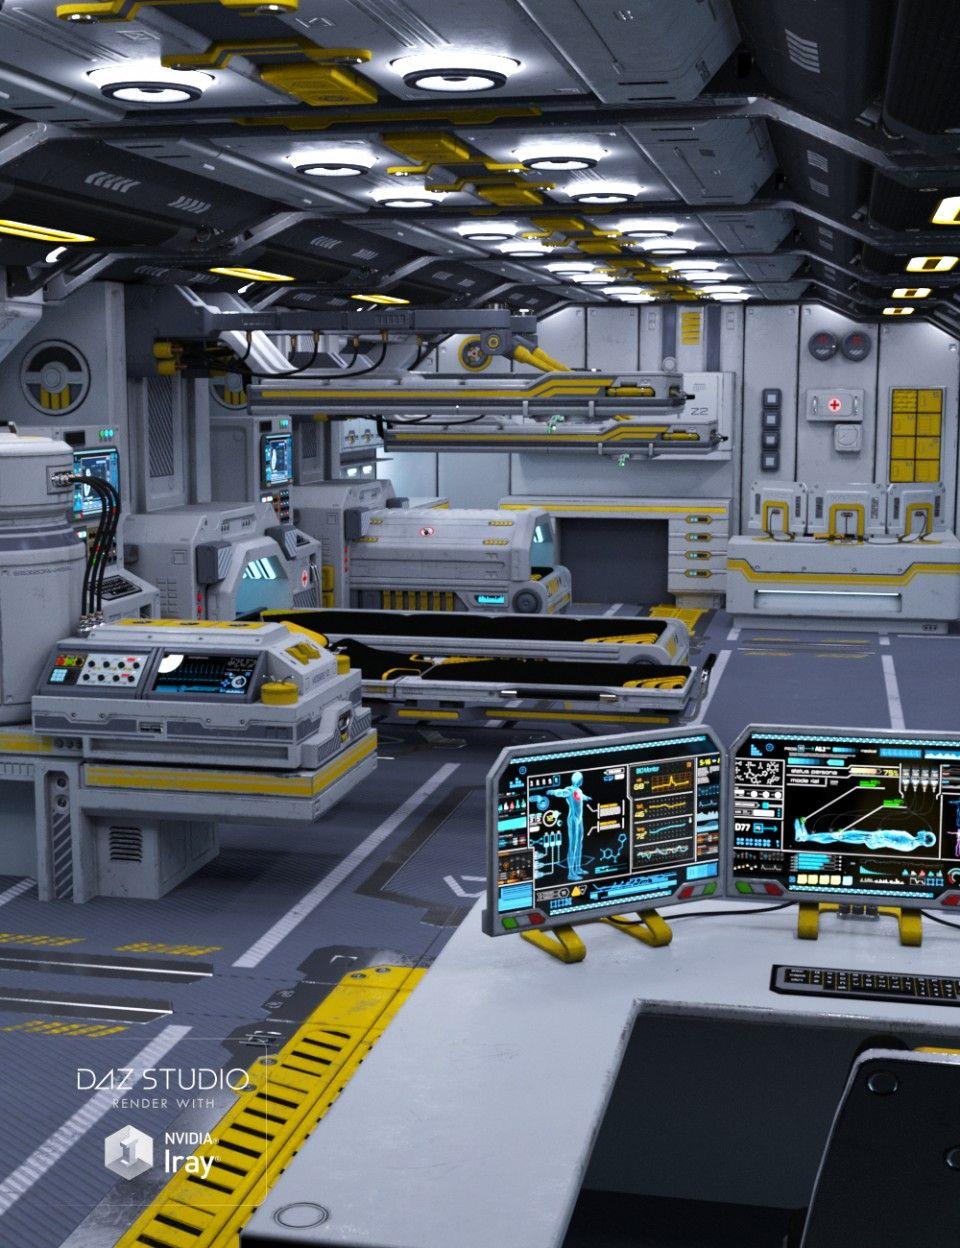 Psi medbay daz poser in 2019 futuristic interior for Sci fi decor